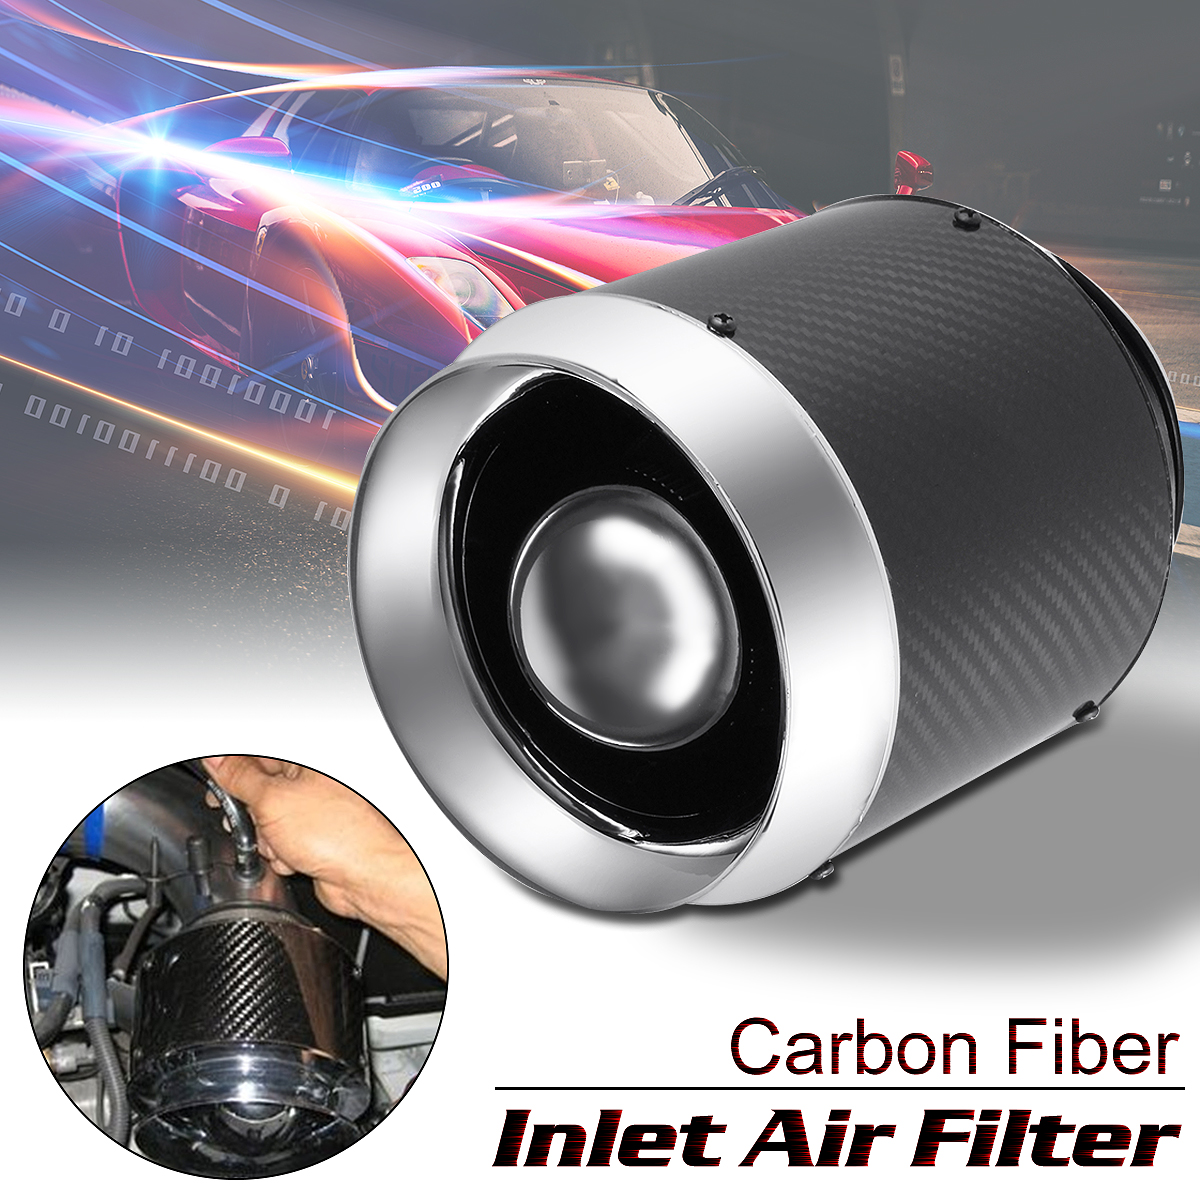 Универсальный прием воздушный фильтр Авто Реальные углеродного волокна Привет потока воздуха фильтр для холодного воздуха/Short Ram впускной ...